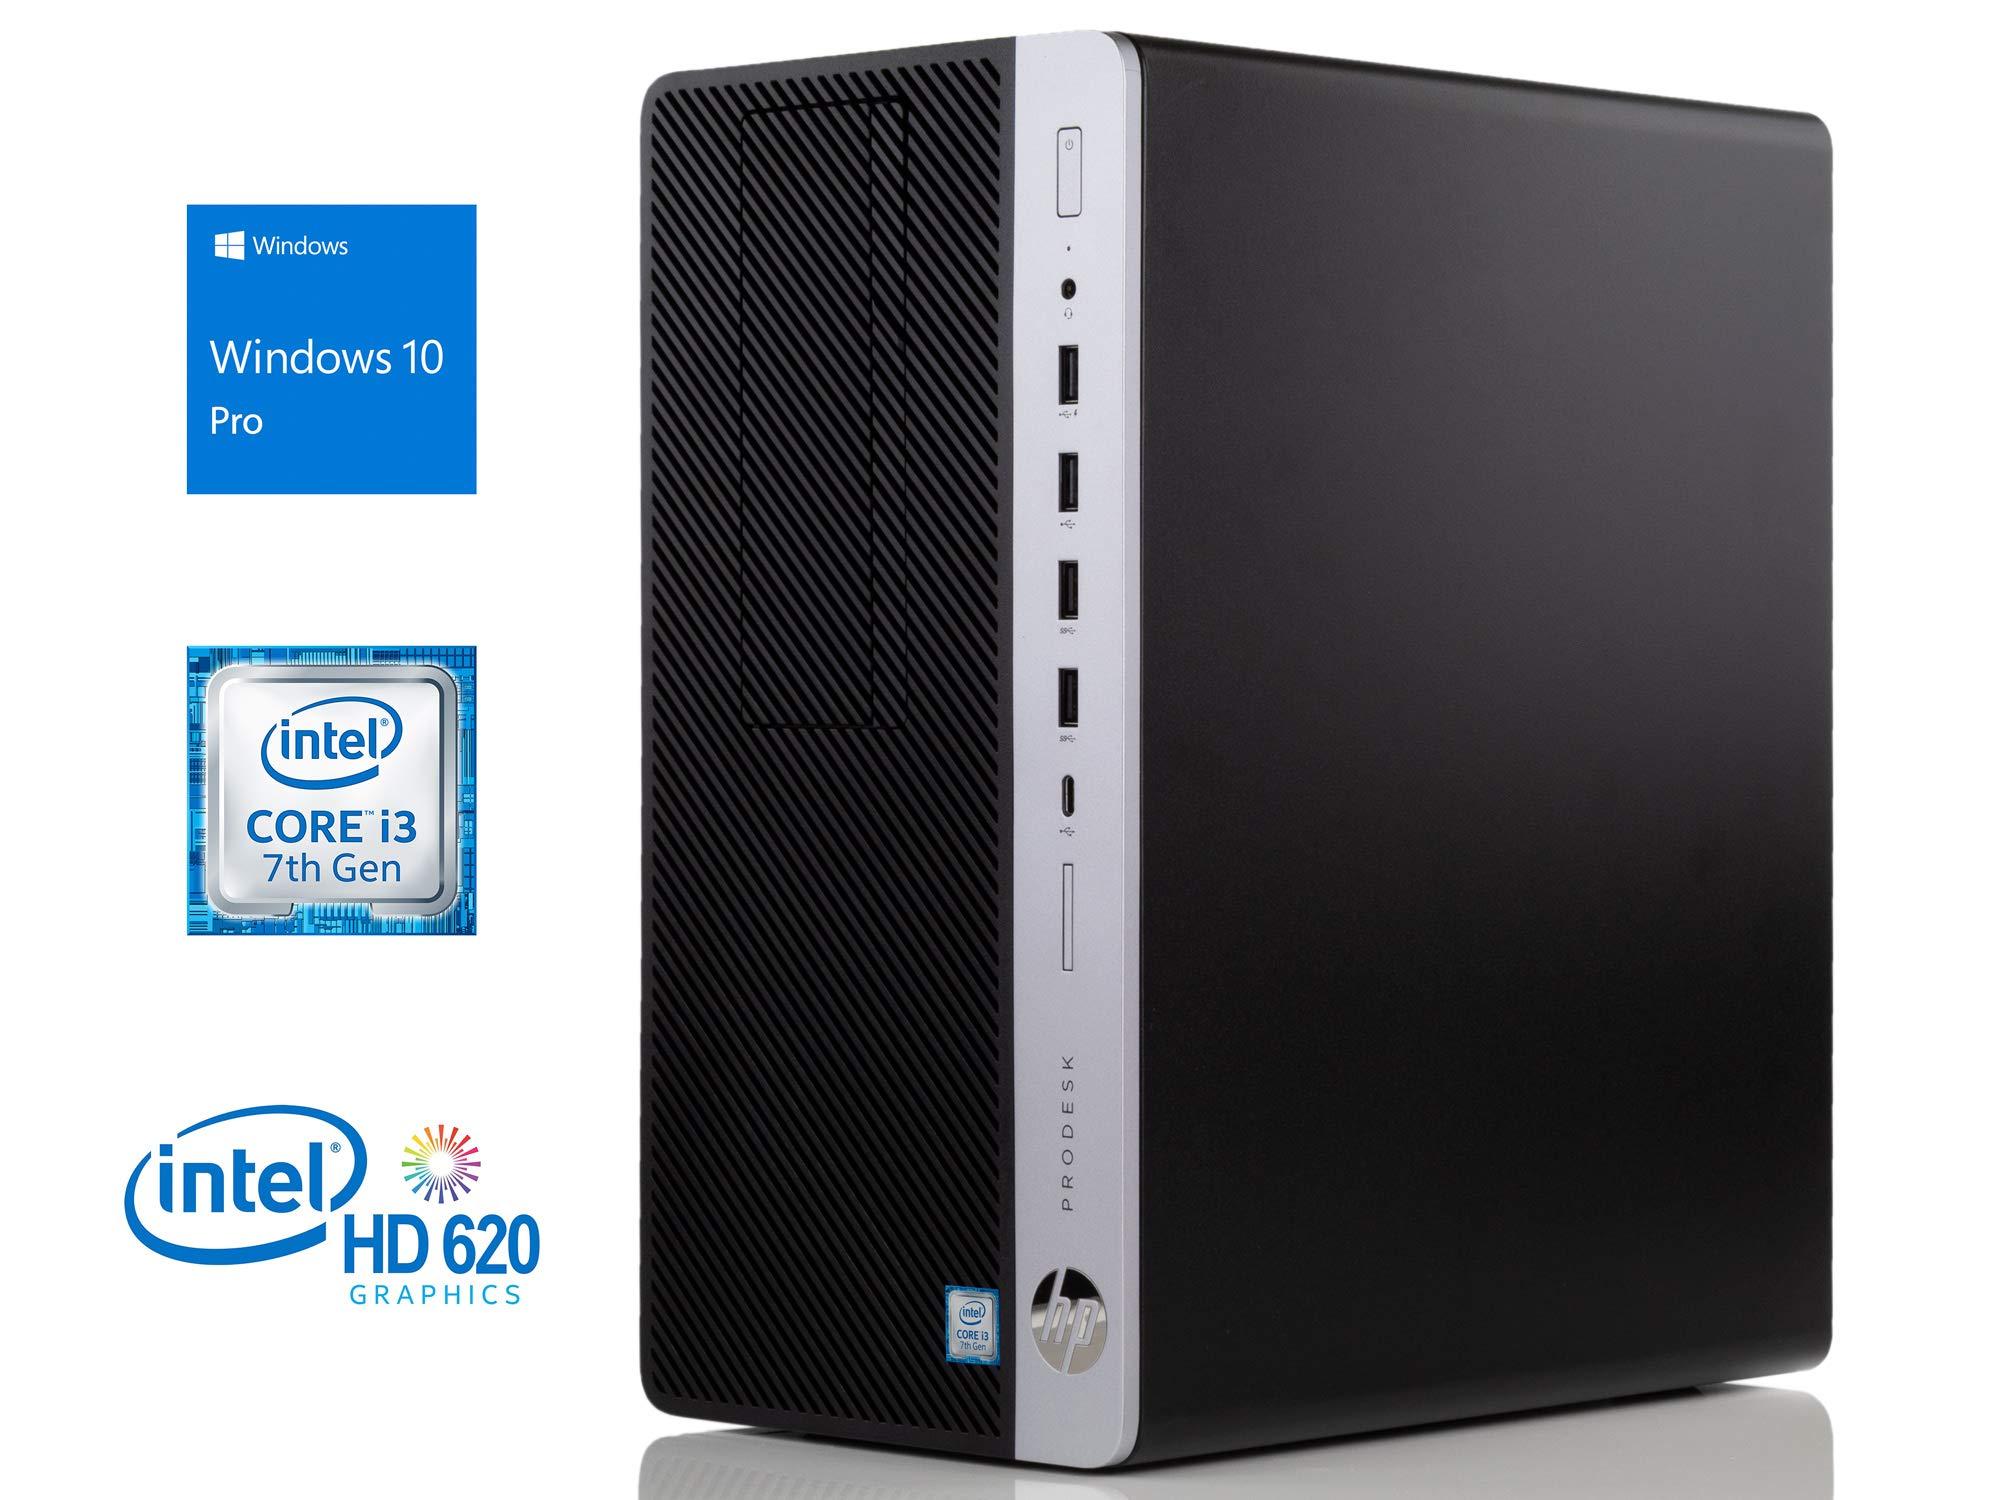 HP ProDesk 600 G3 Desktop, Intel Core i3-7100 3.9GHz, 16GB RAM, 256GB SSD, DVDRW, DisplayPort, VGA, Wi-Fi, Bluetooth, Windows 10 Pro